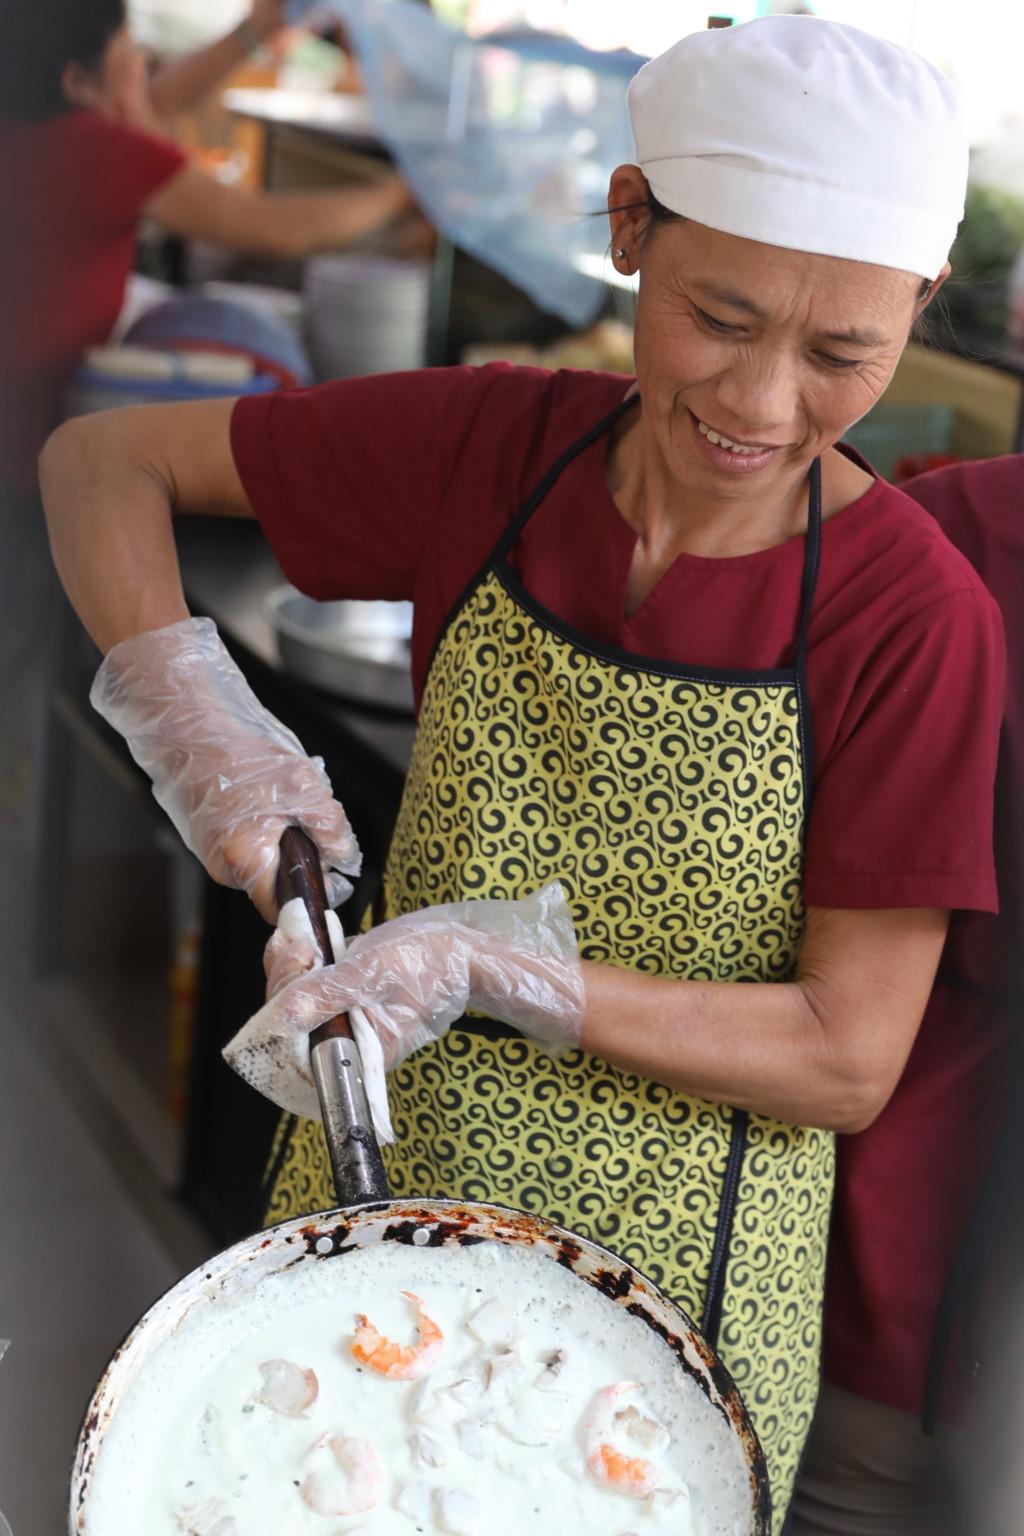 炎天下のホーチミンでの台所作業でも、笑顔を絶やさないプロフェッショナリズム